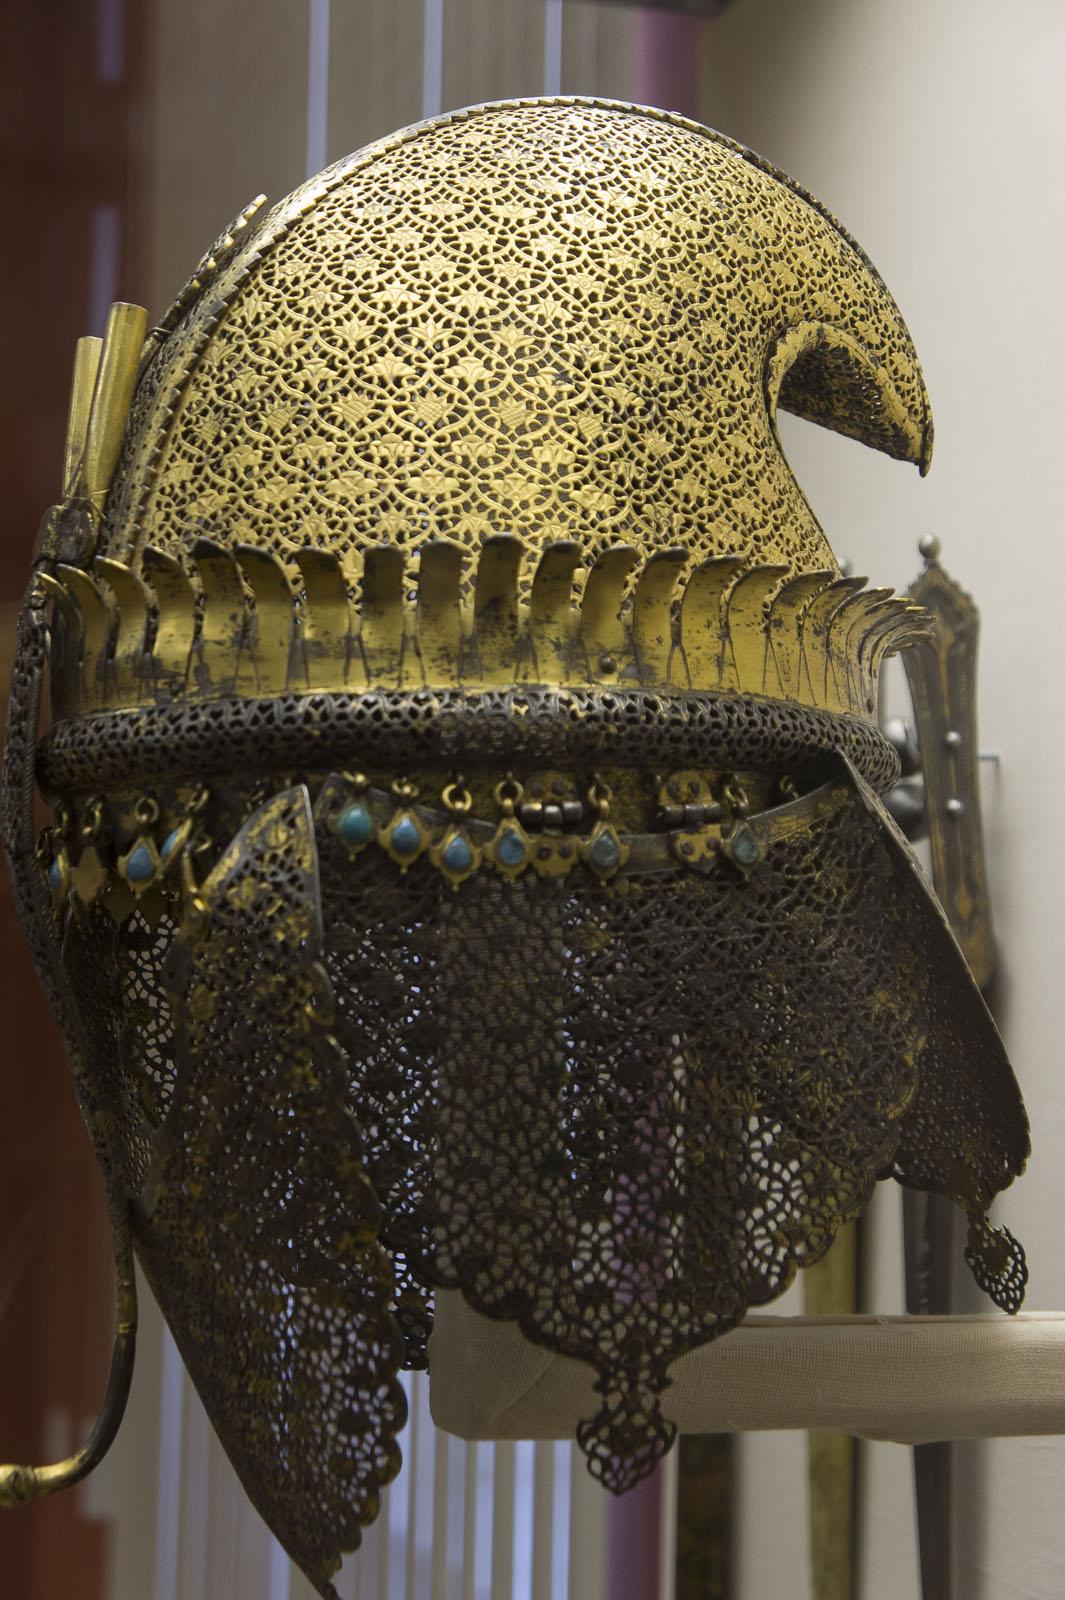 Фото №72055. Шлем. Юго-Западная Индия. Махараштра. Кон. XVII в., железо, ковка, резьба, позолота, выс. 32 см.